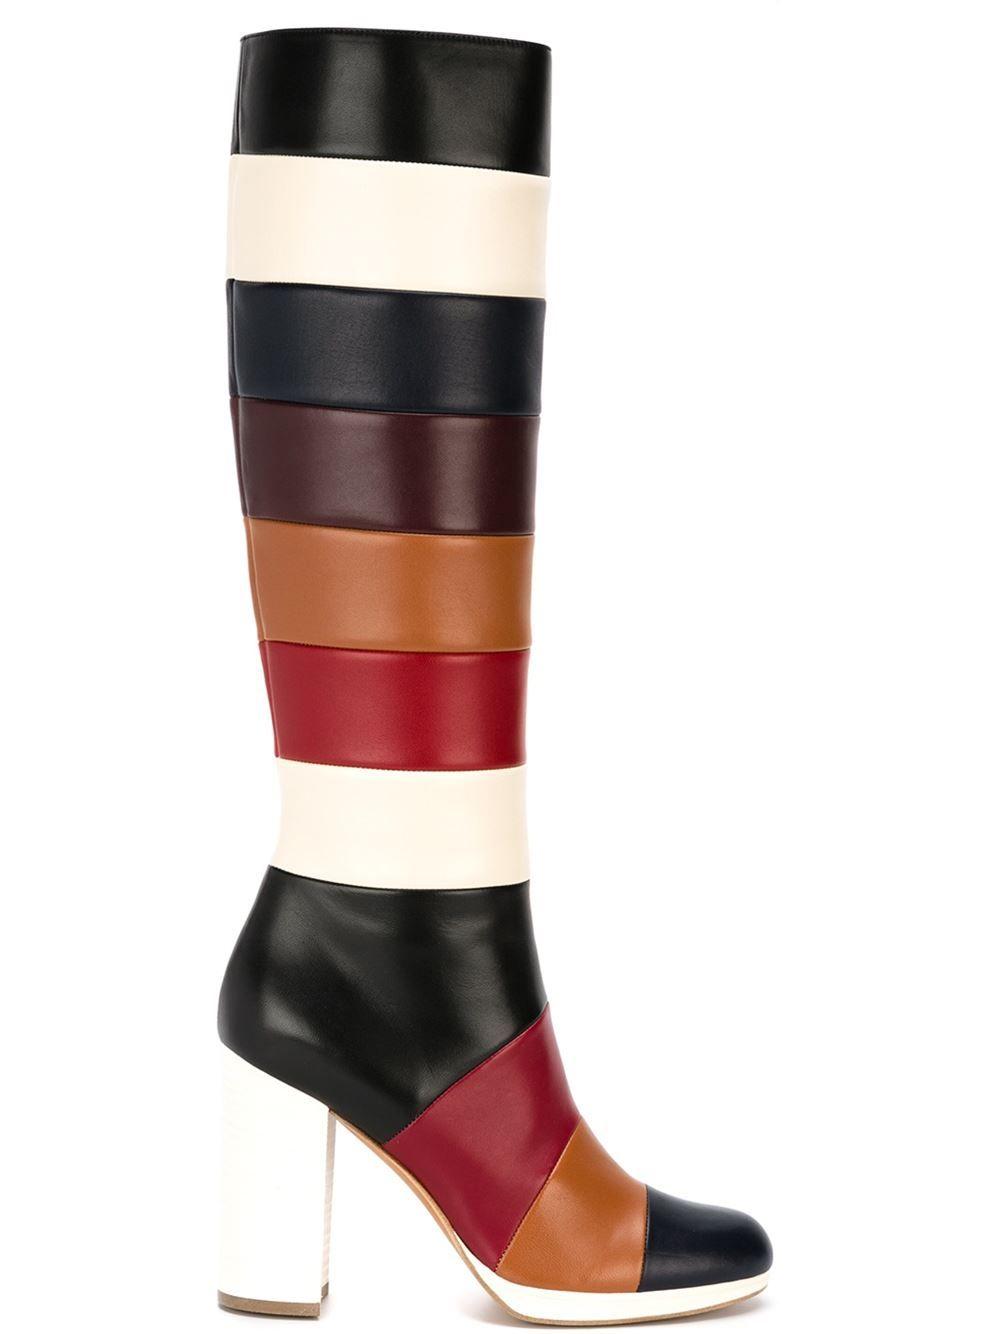 34df3f8b4 Valentino Garavani Striped Boots - Stefania Mode - Farfetch.com Couro,  Sapatos, Valentino